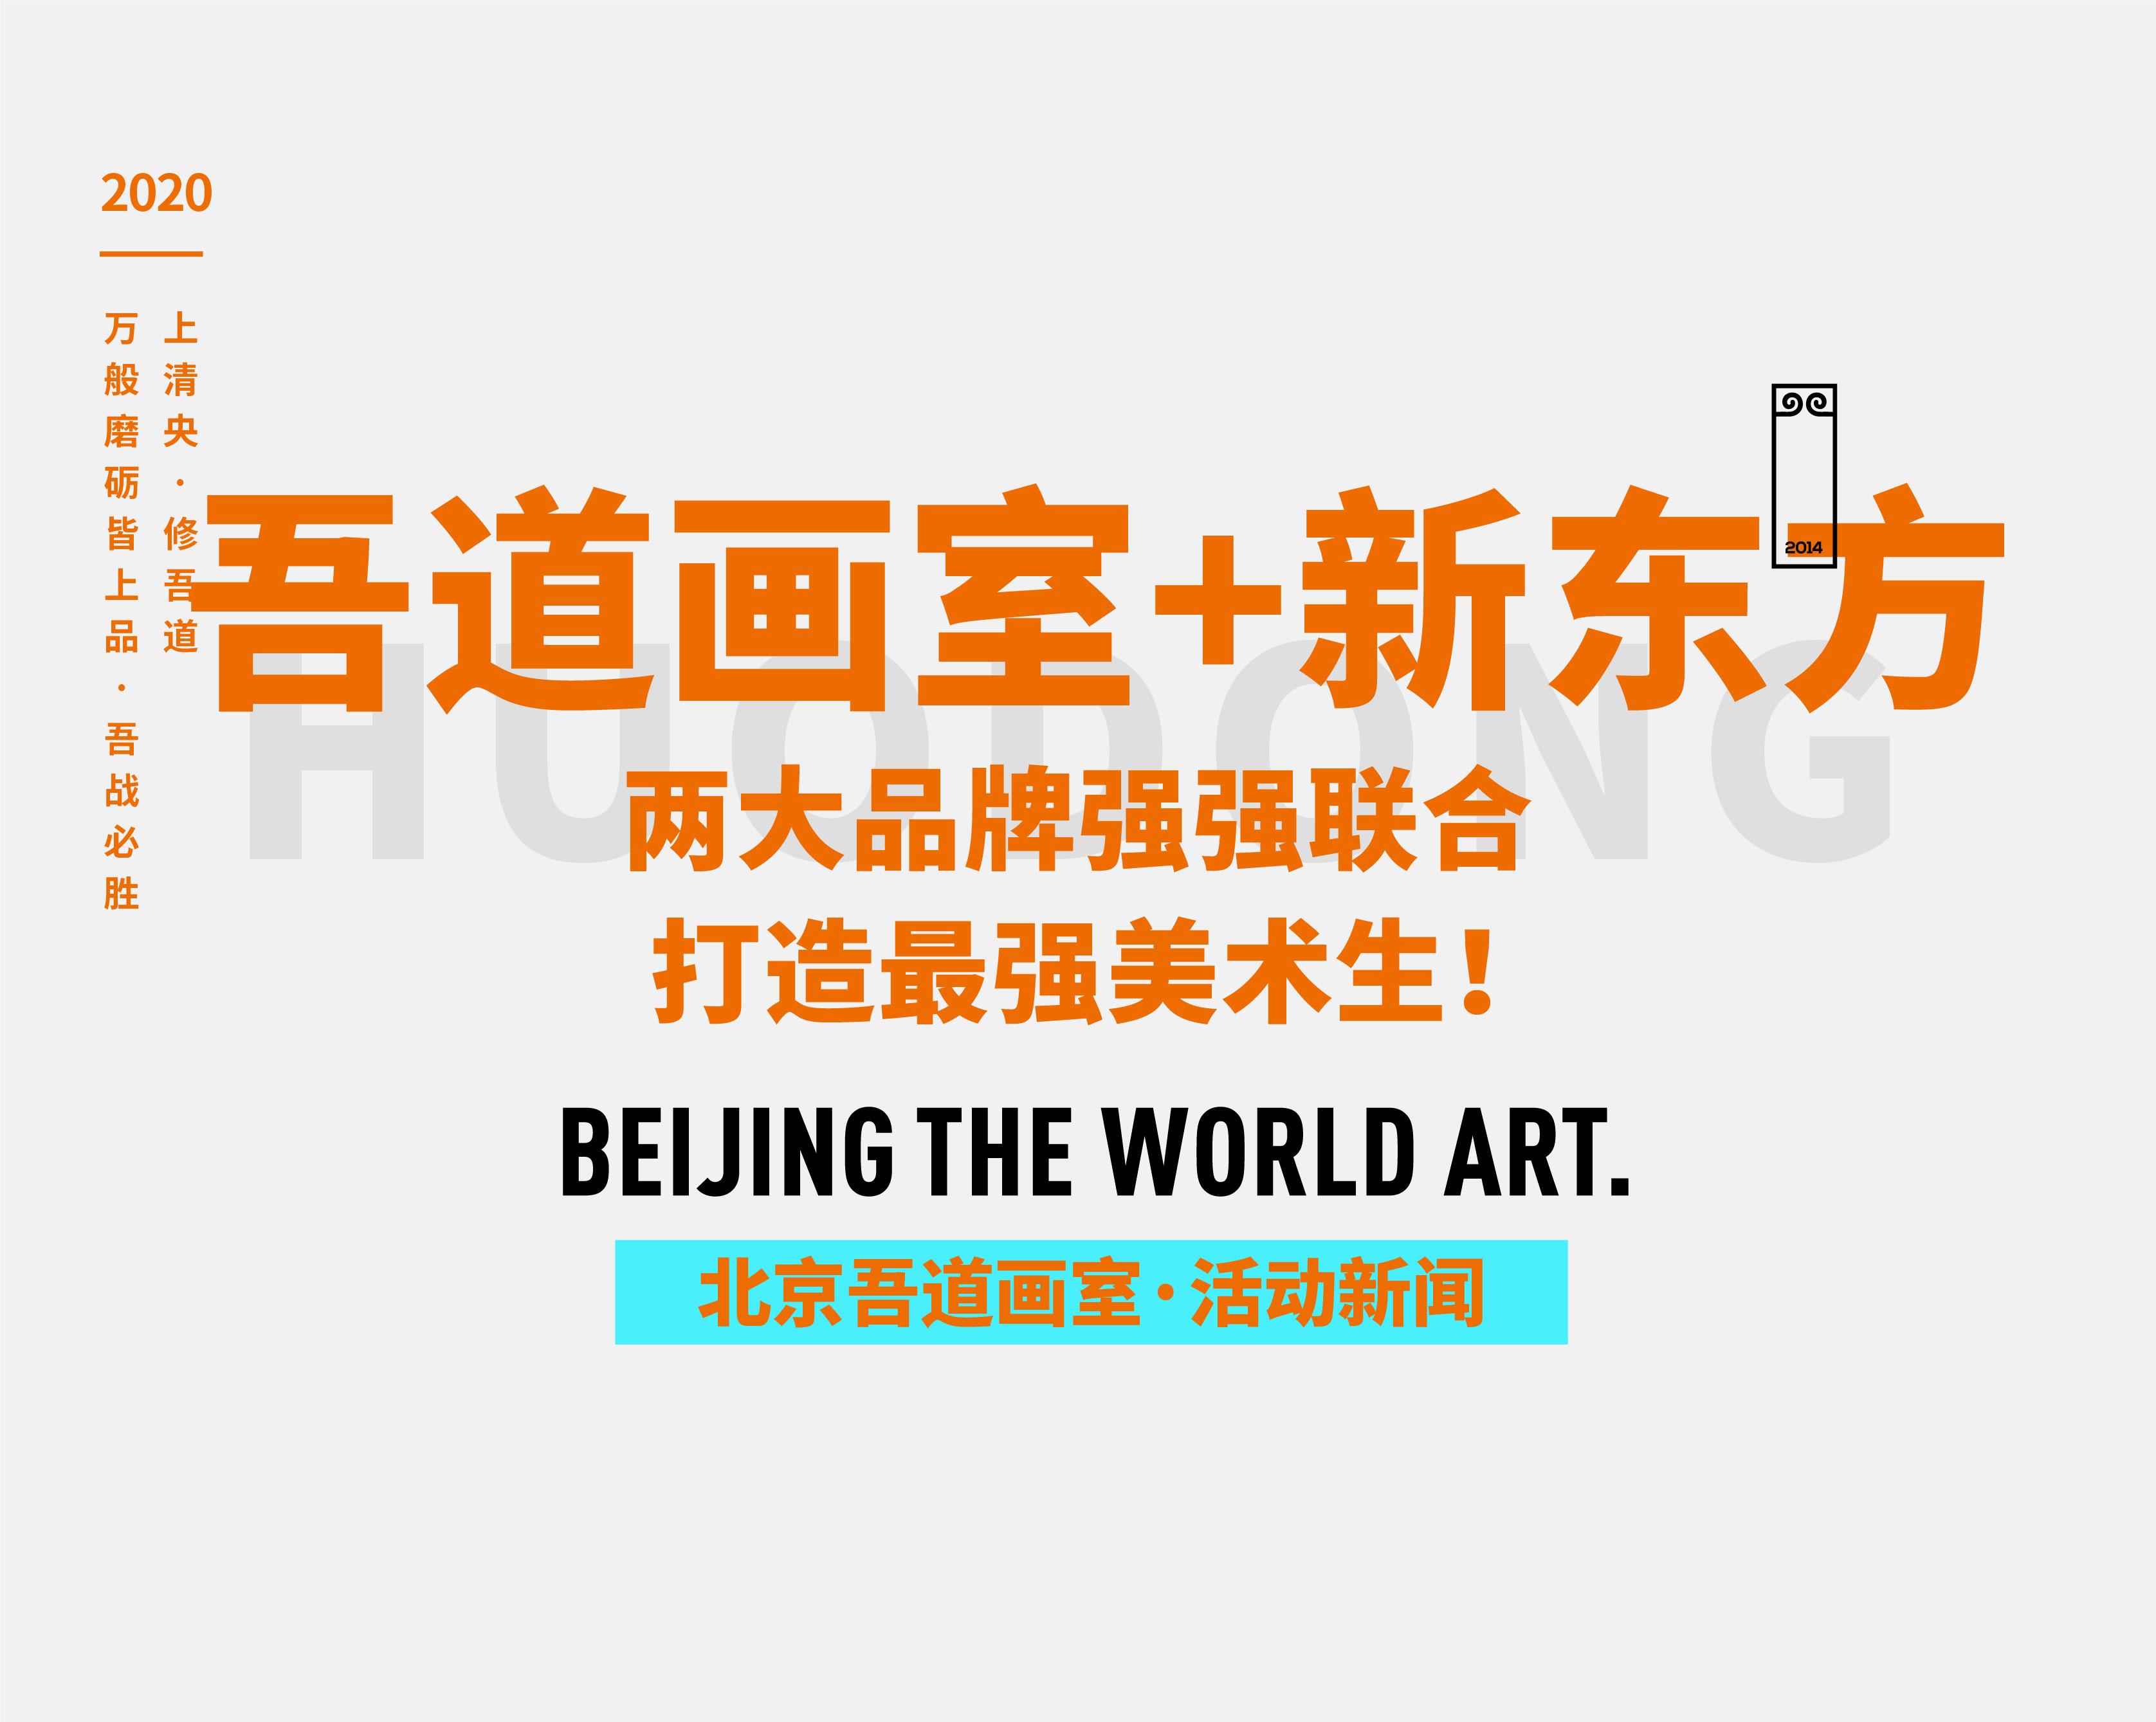 重要通知 | 文化课明日开课!吾道画室与新东方两大品牌强强联合,打造最强美术生!